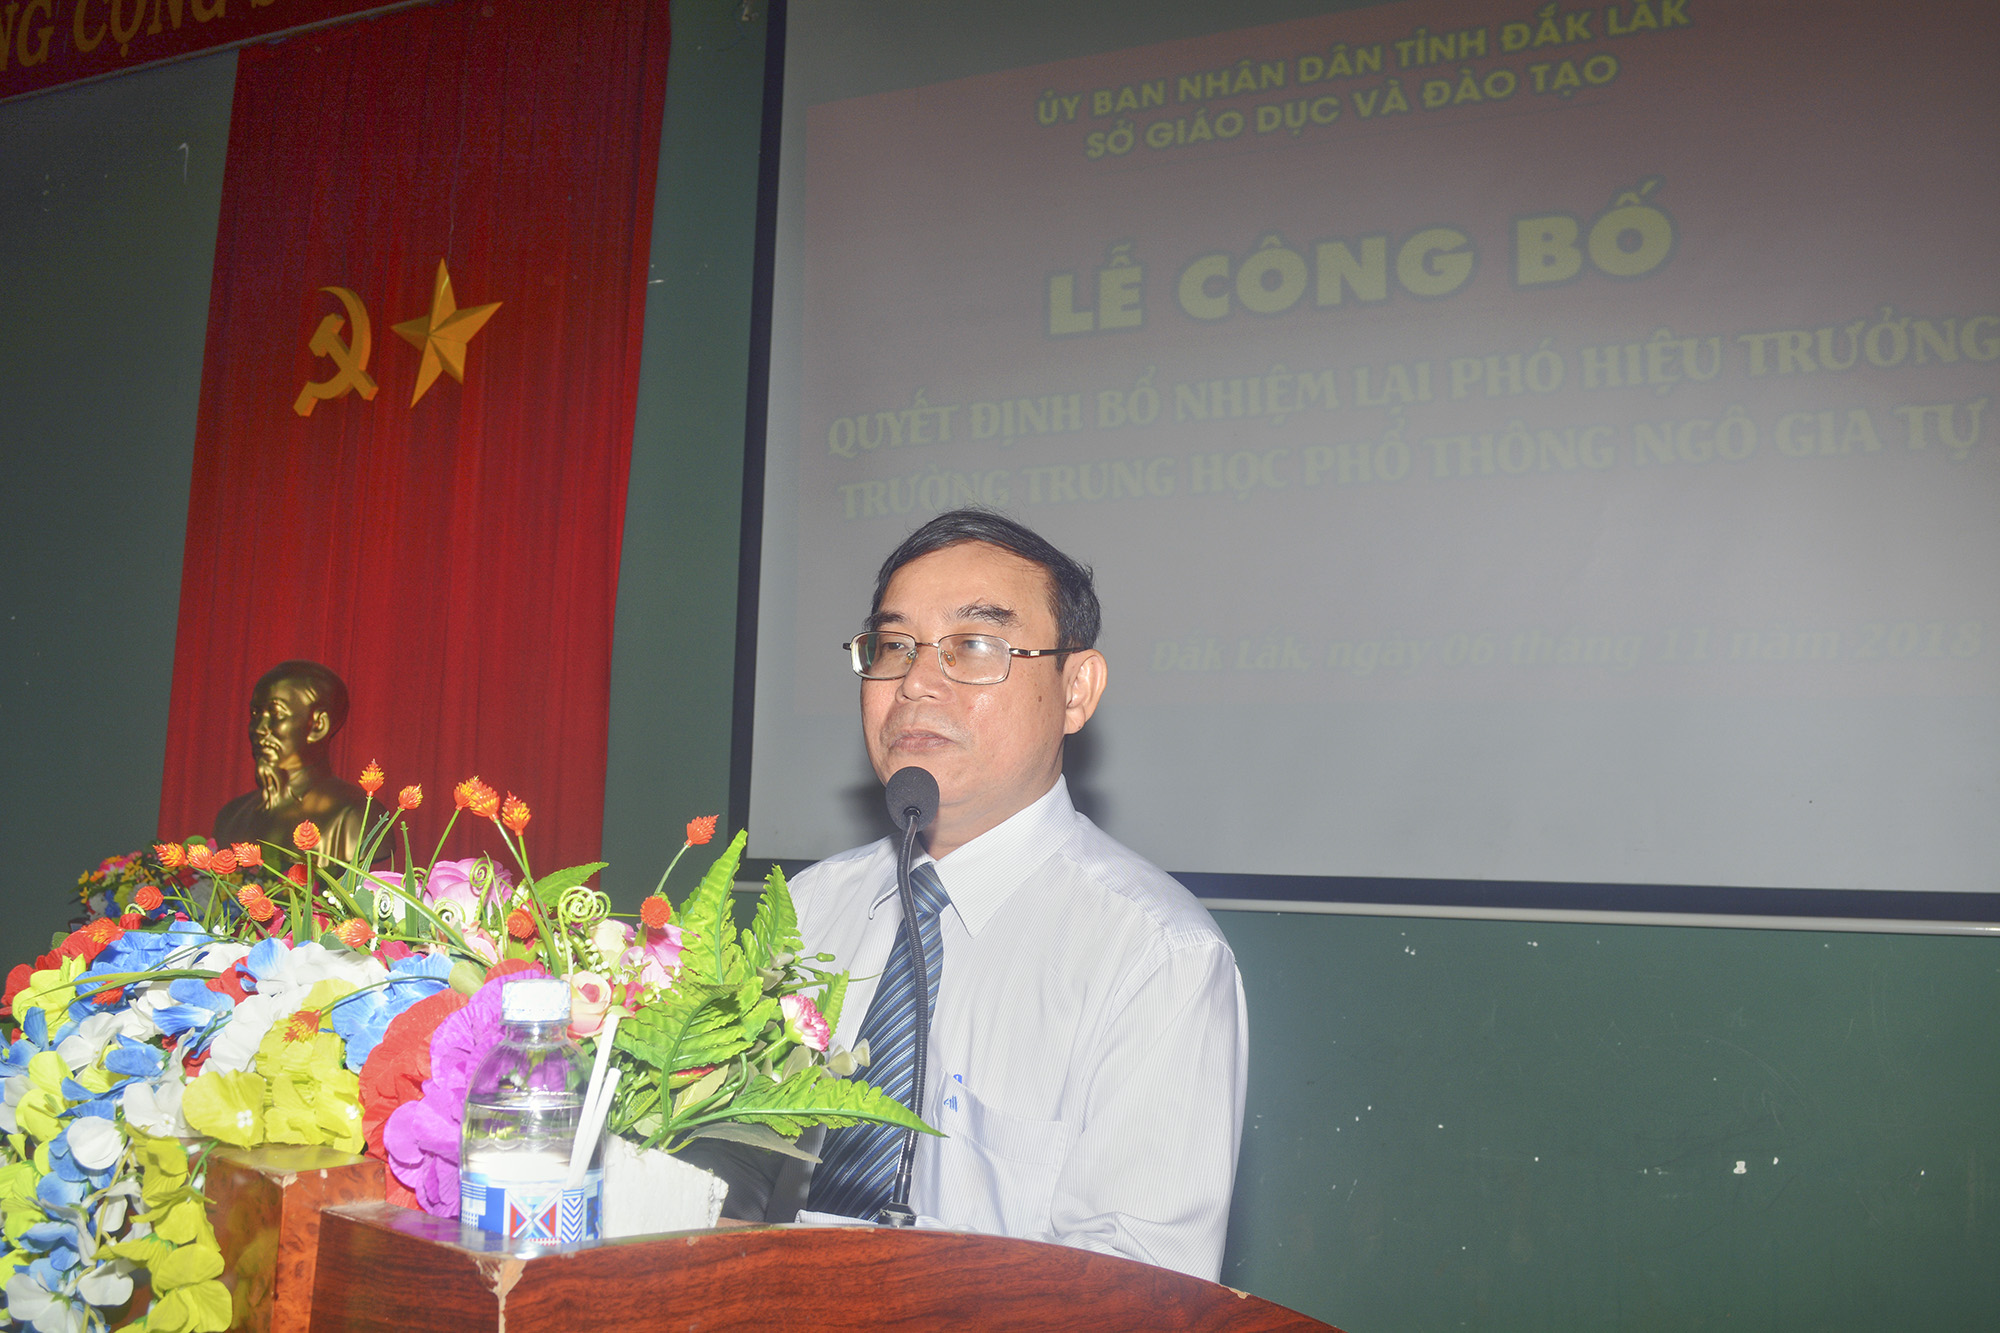 Thầy Nguyễn Hữu Quát công bố quyết định bổ nhiệm lại Phó Hiệu trưởng cho cô Phạm Thị Dinh